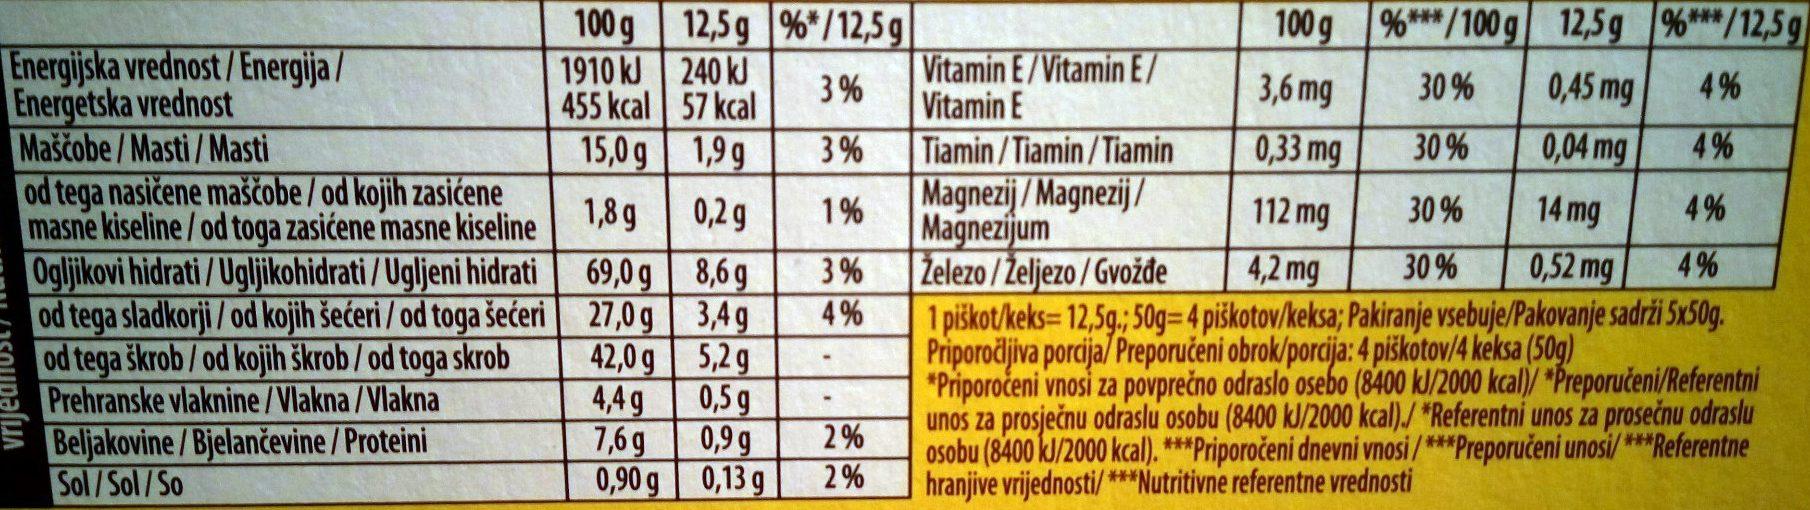 Breakfast honey & nuts - Nutrition facts - sr